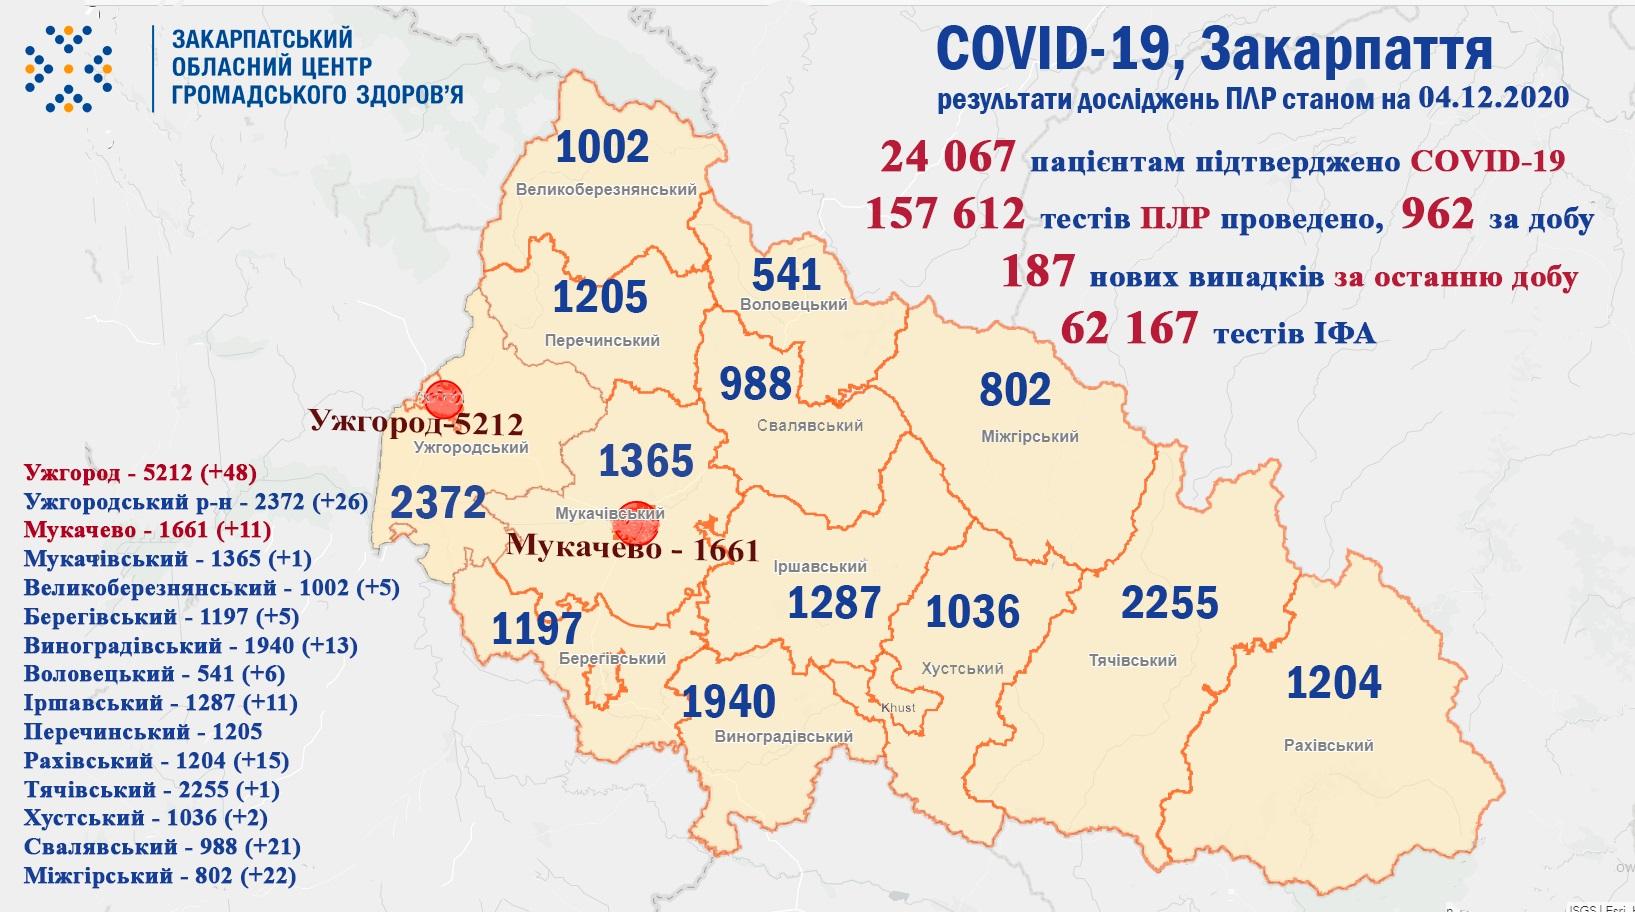 187 випадків COVID-19 виявлено на Закарпатті за добу та 4 пацієнтів померло